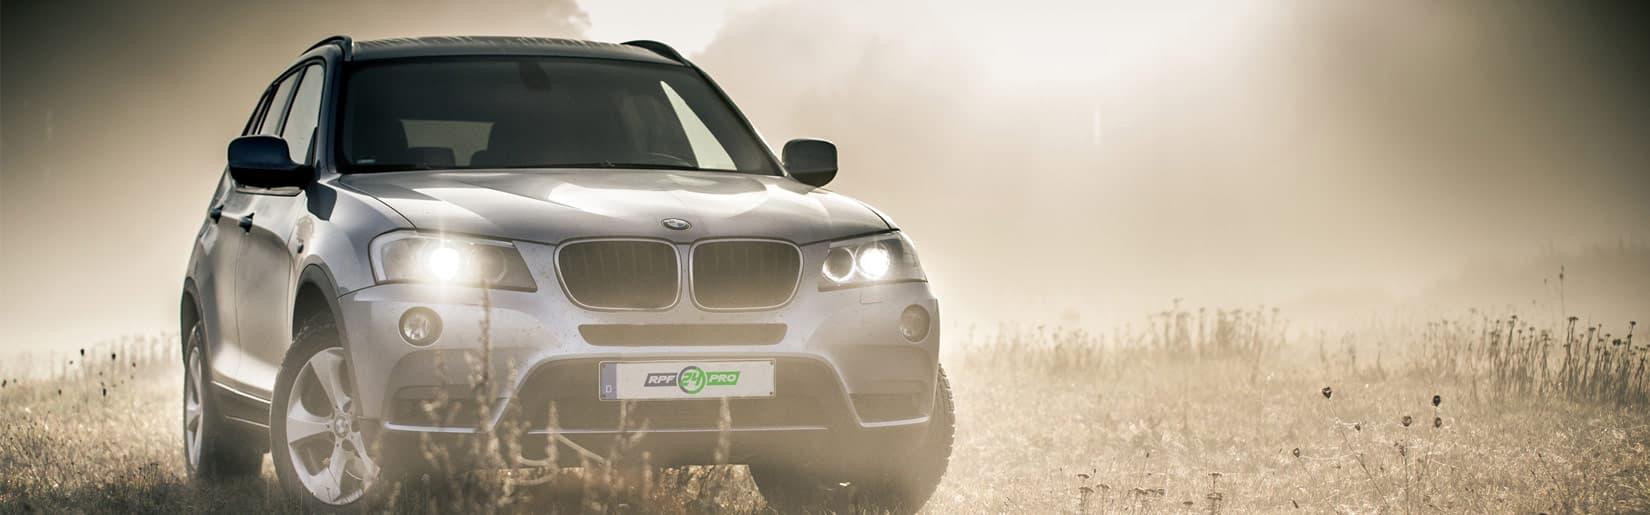 Dieselpartikelfilter reinigen für BMW Fahrzeuge